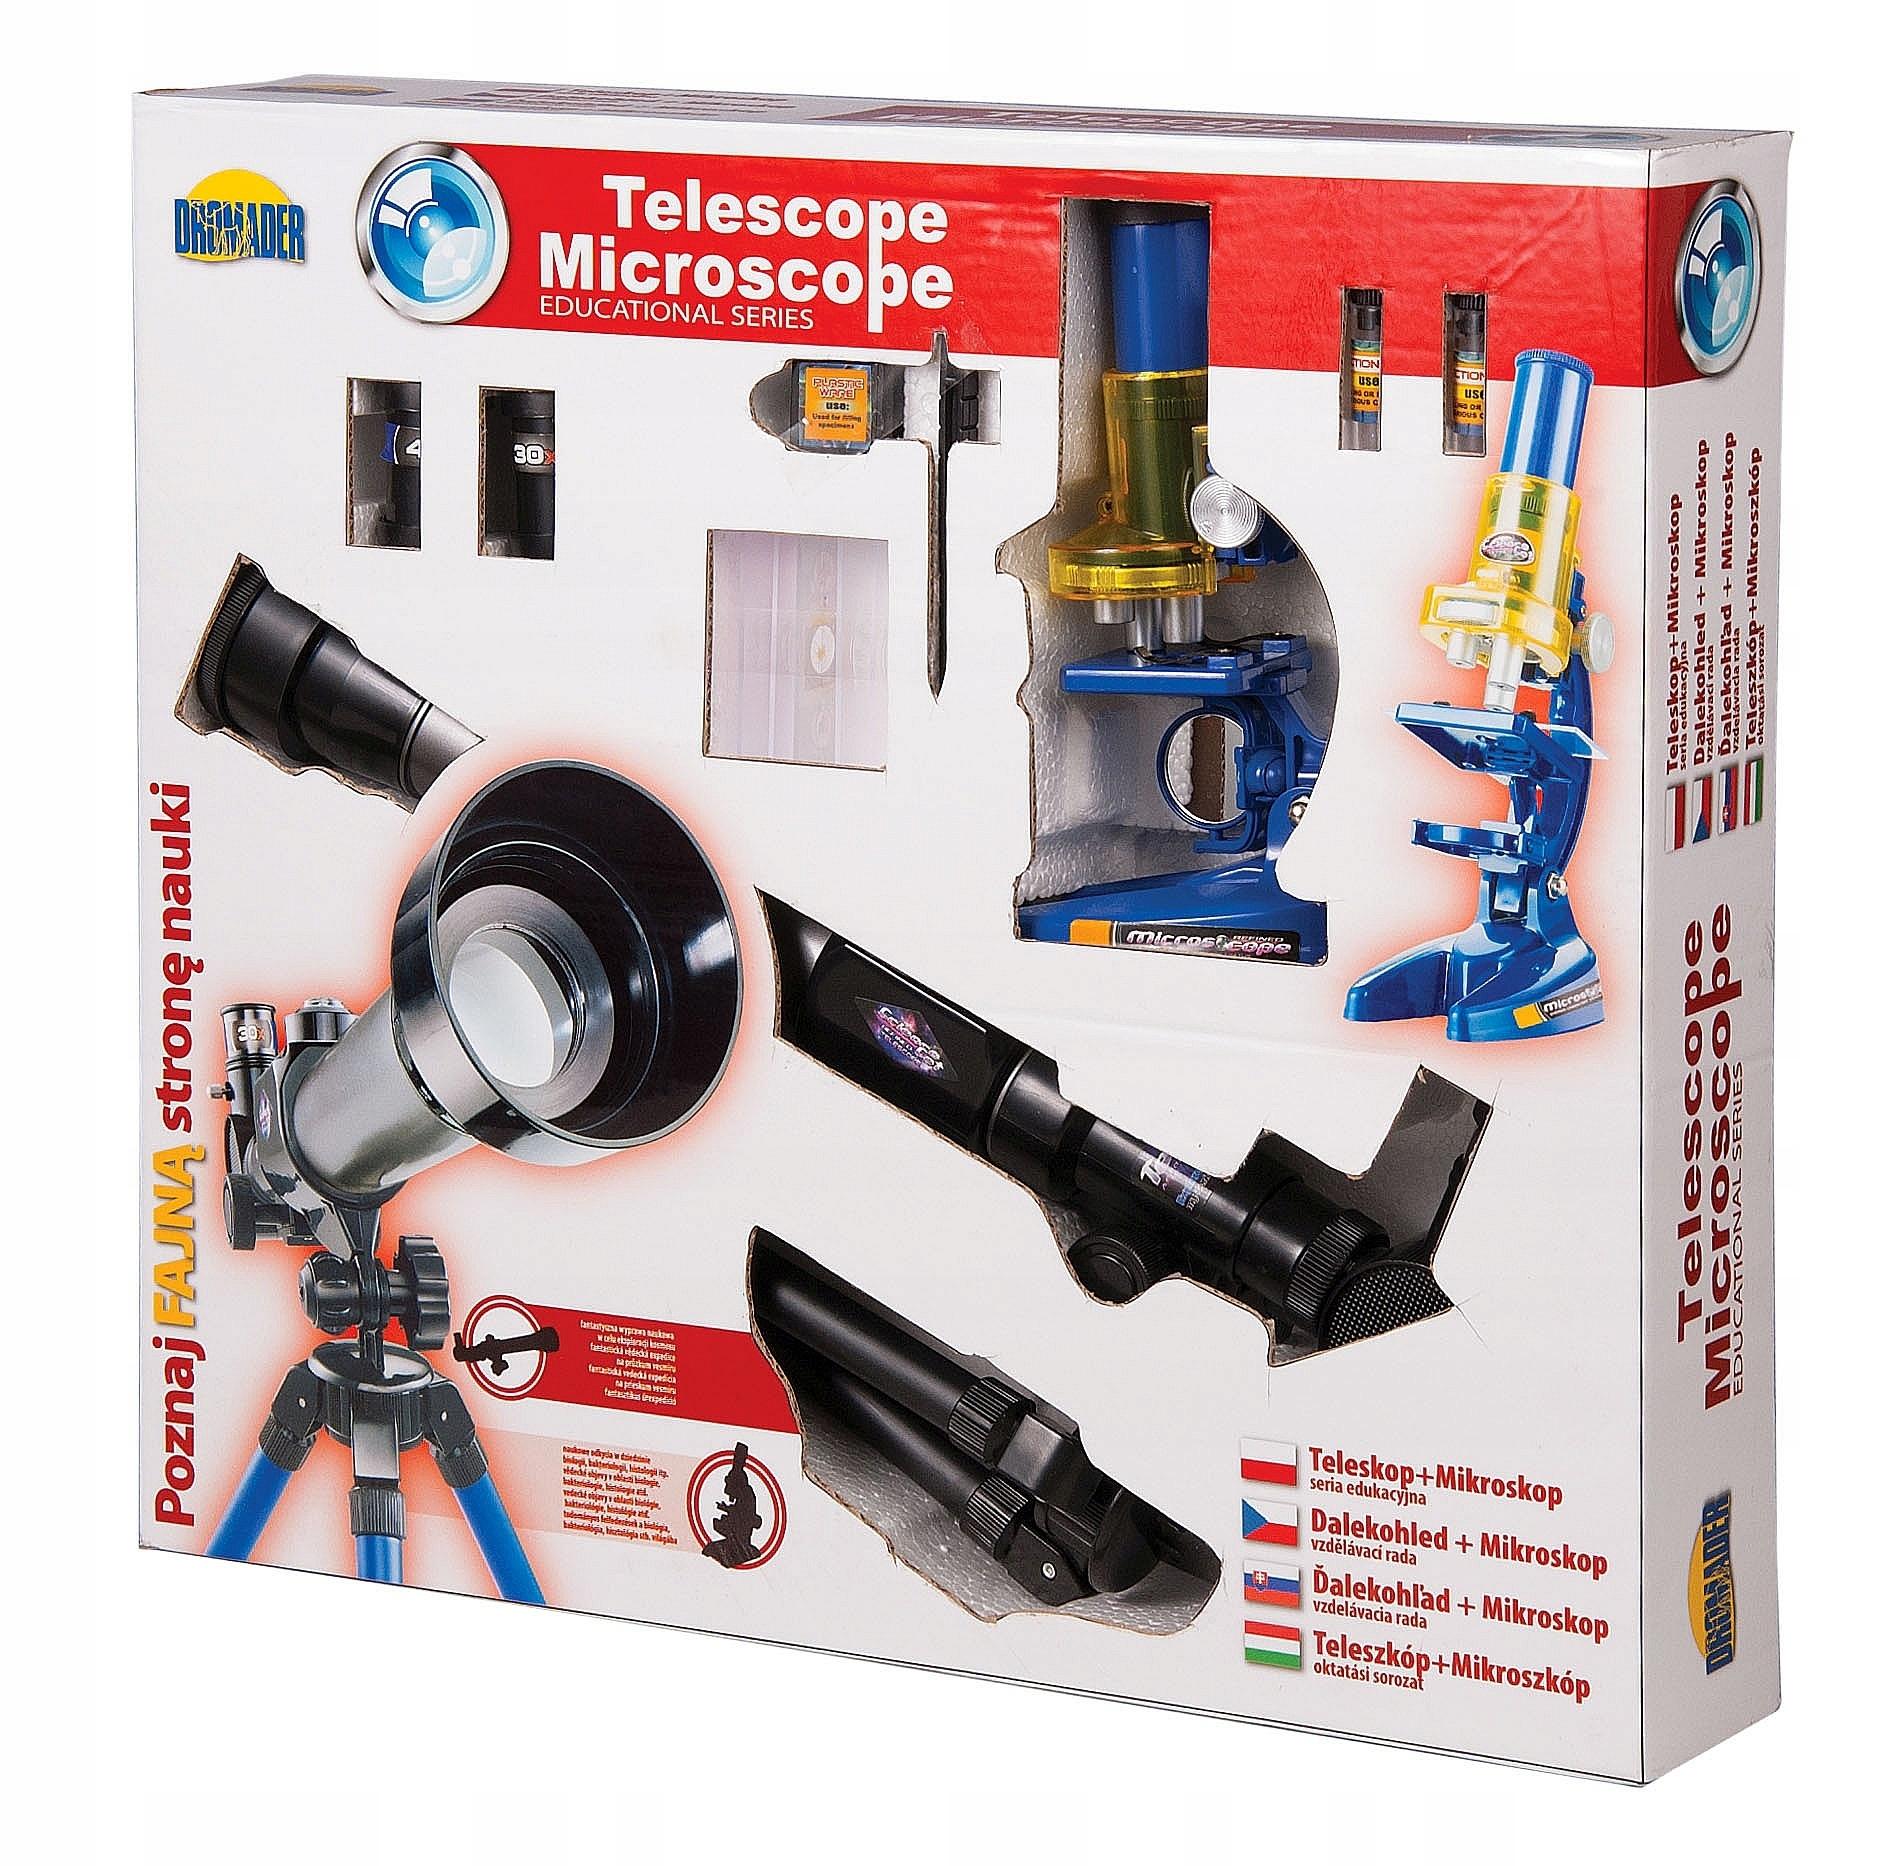 Sada astronomických ďalekohľadov a mikroskopov